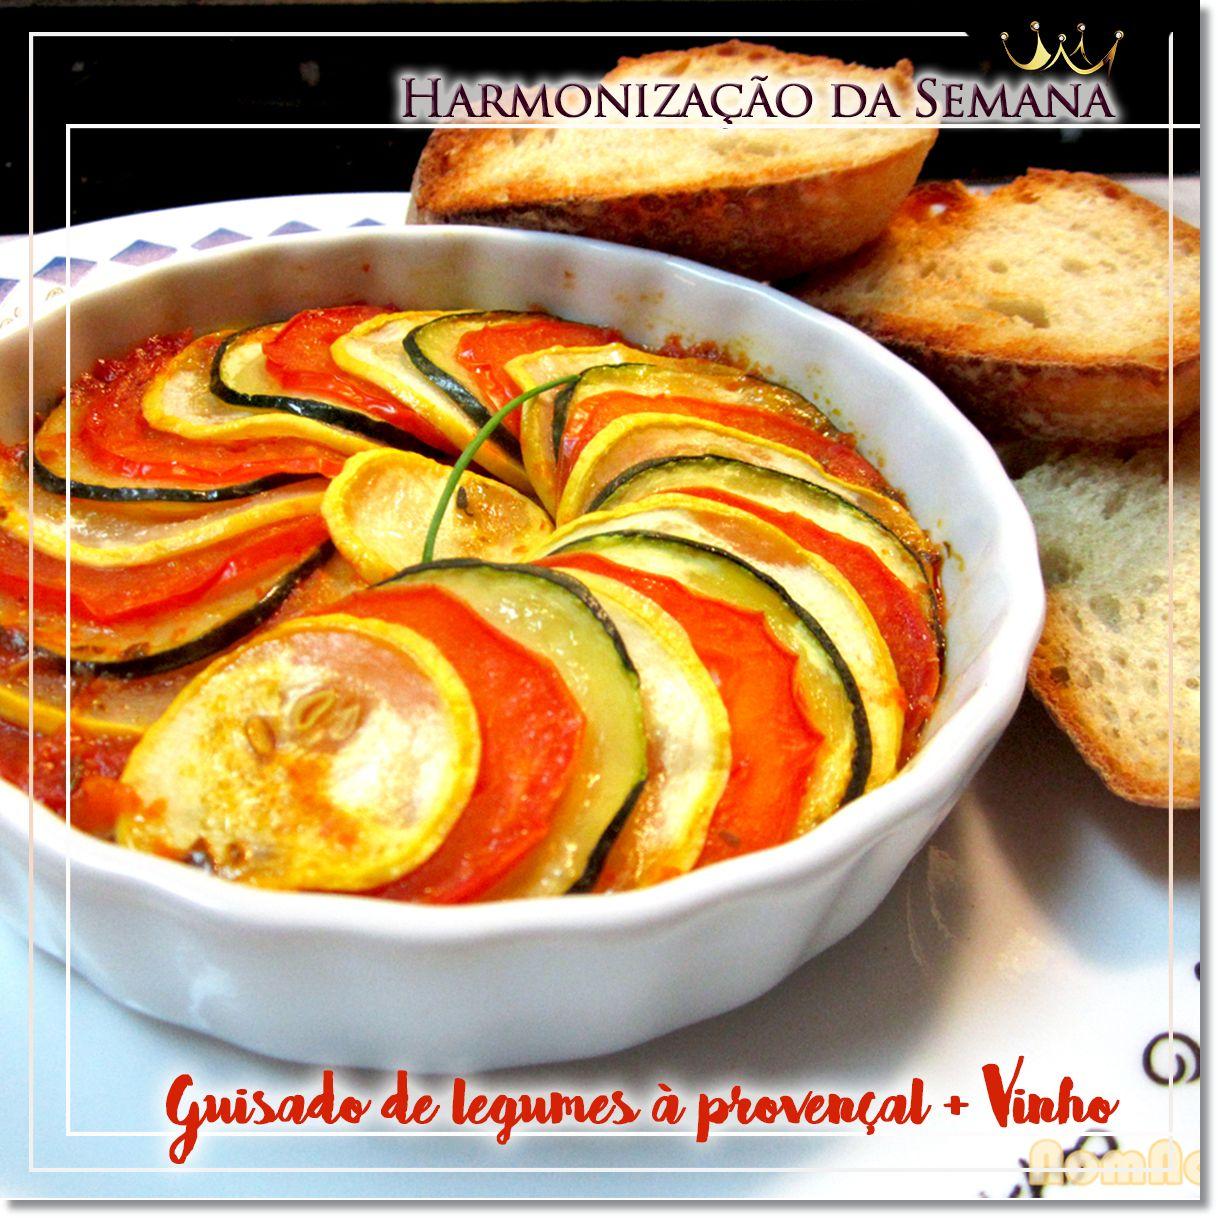 Guisado suave de legumes à provençal em crosta de ciabatta + Vinho